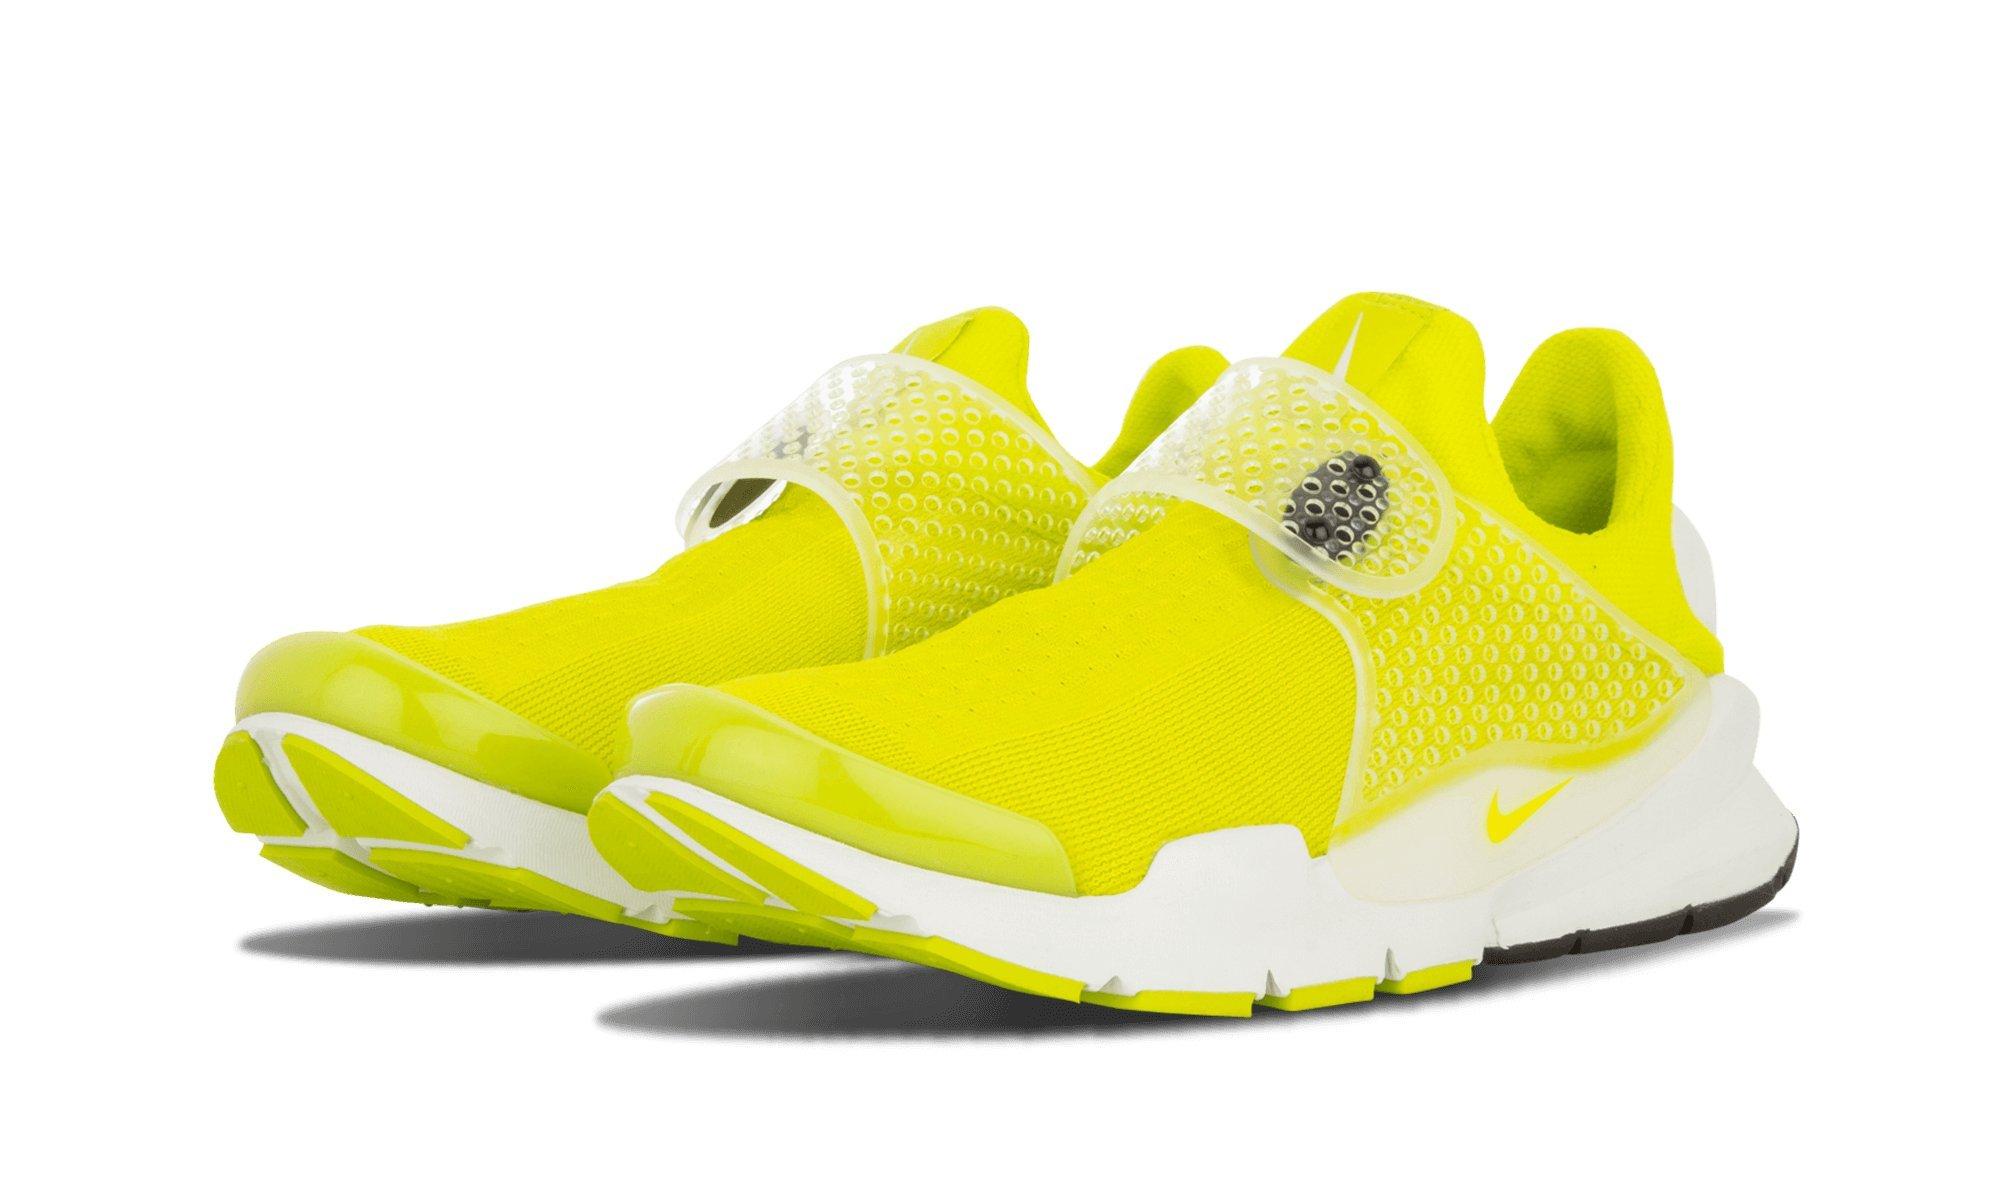 71HDt9YhIaL - Nike Men's Sock Dart SP Running Shoes - 686058 771